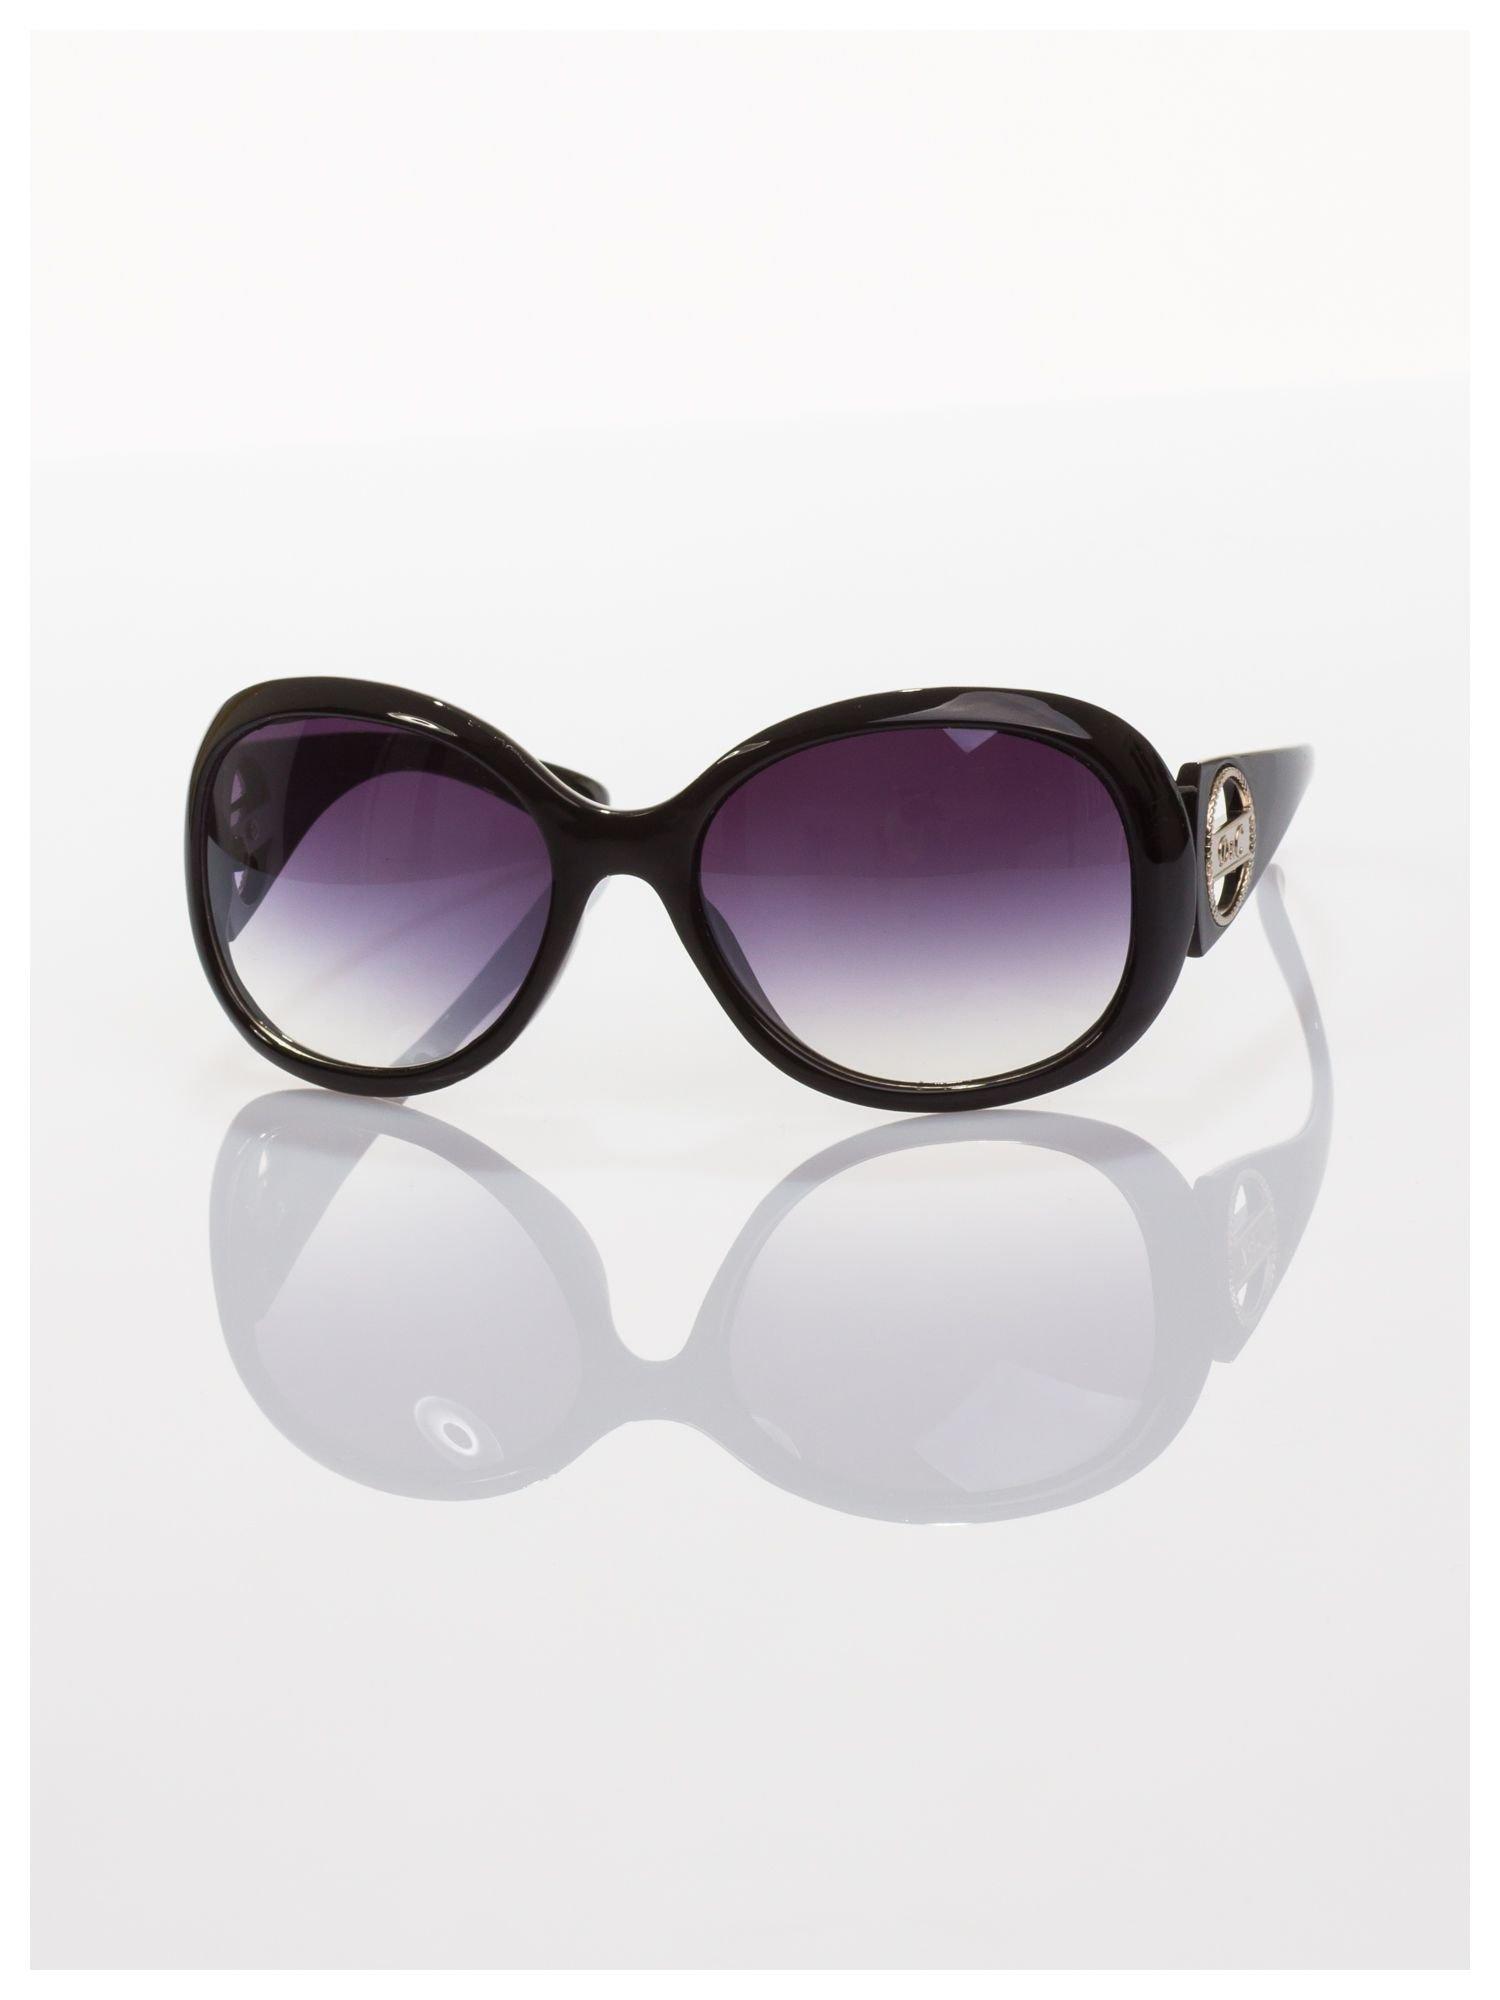 Czarne klasyczne duże okulary blogerek MUCHY                                  zdj.                                  1